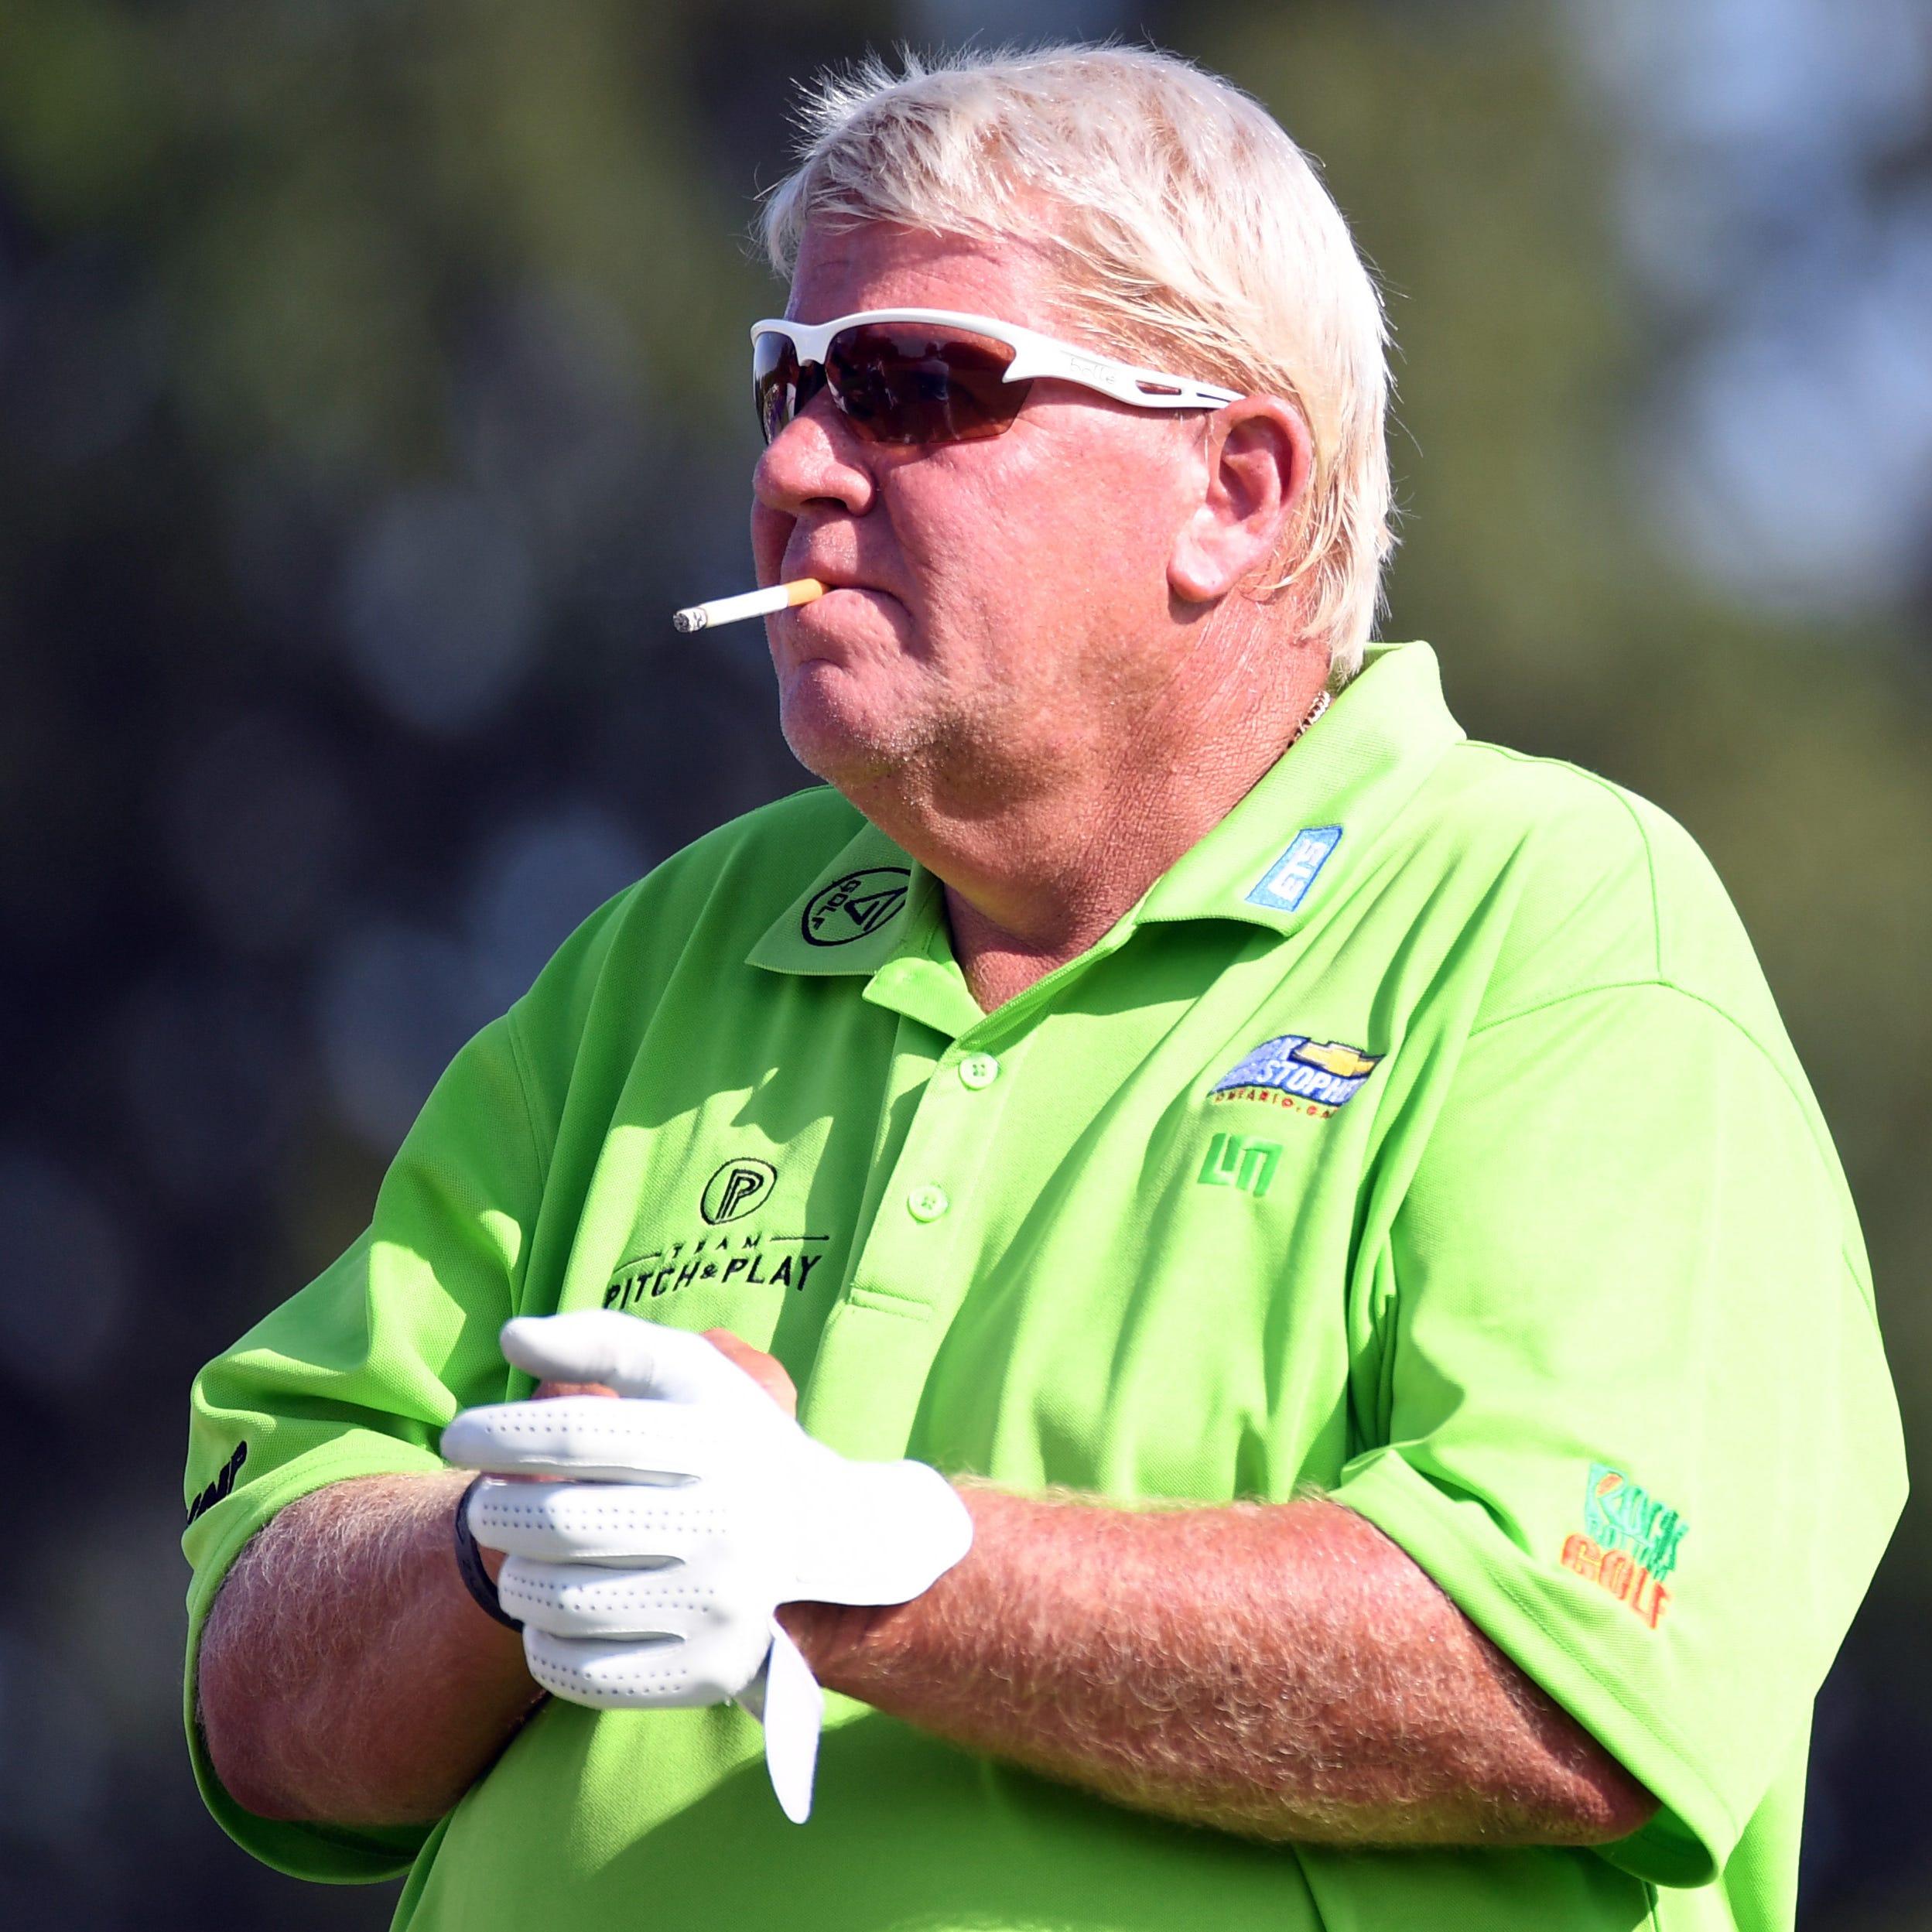 John Daly's cart ride at PGA Championship won't start a traffic jam